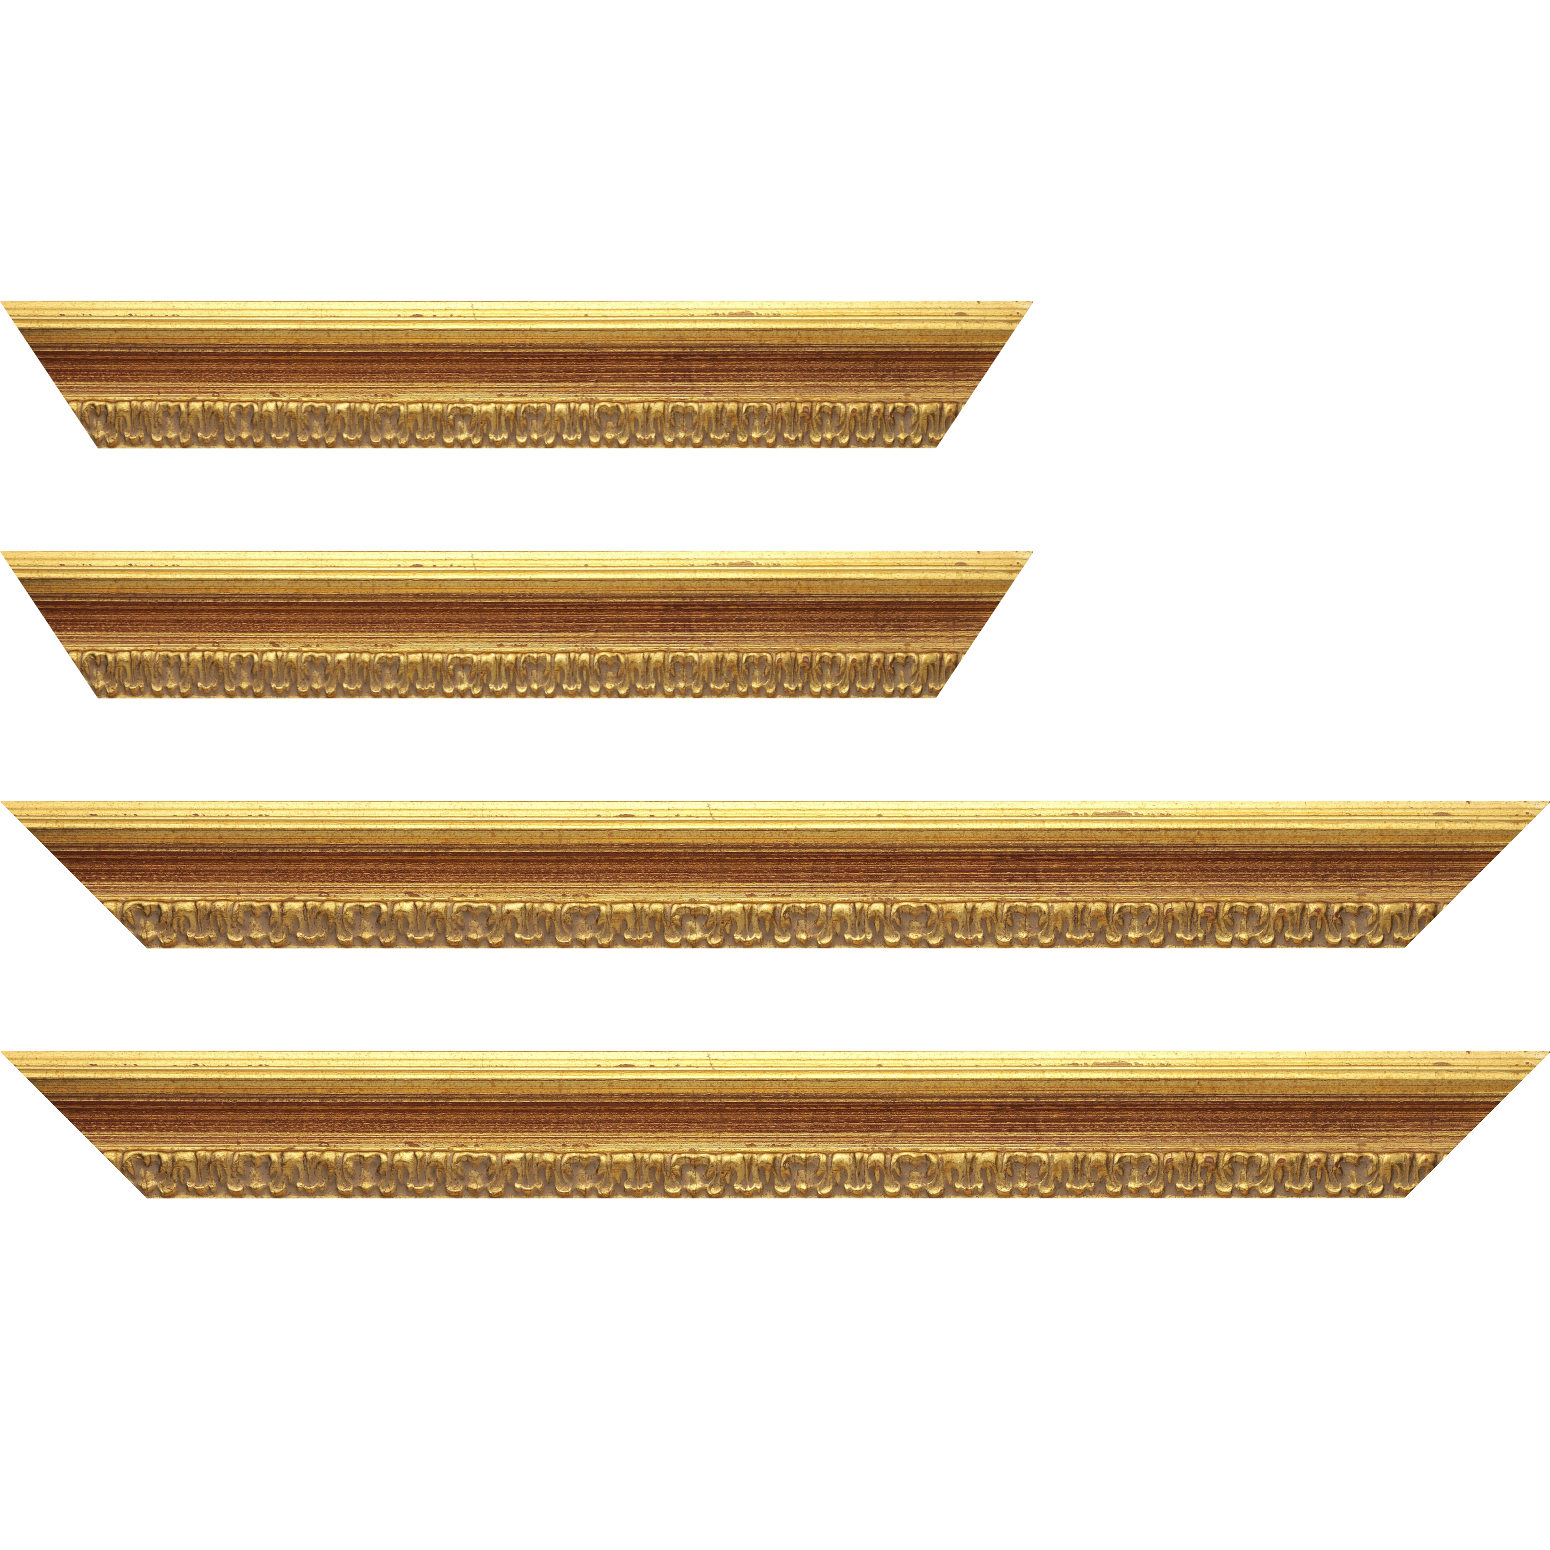 Baguette service précoupé bois profil incurvé largeur 5.1cm couleur or patiné à la feuille gorge bordeaux fond or nez ornement